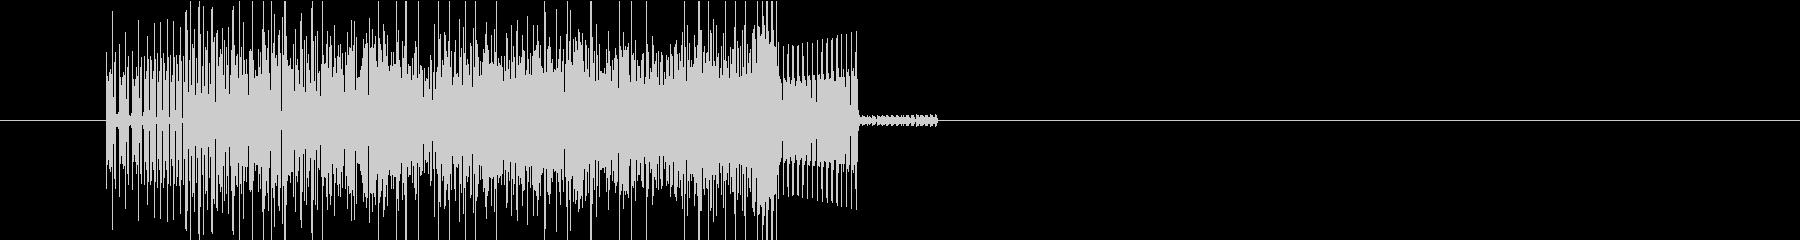 ファミコンRPG ゲーム呪文音の未再生の波形